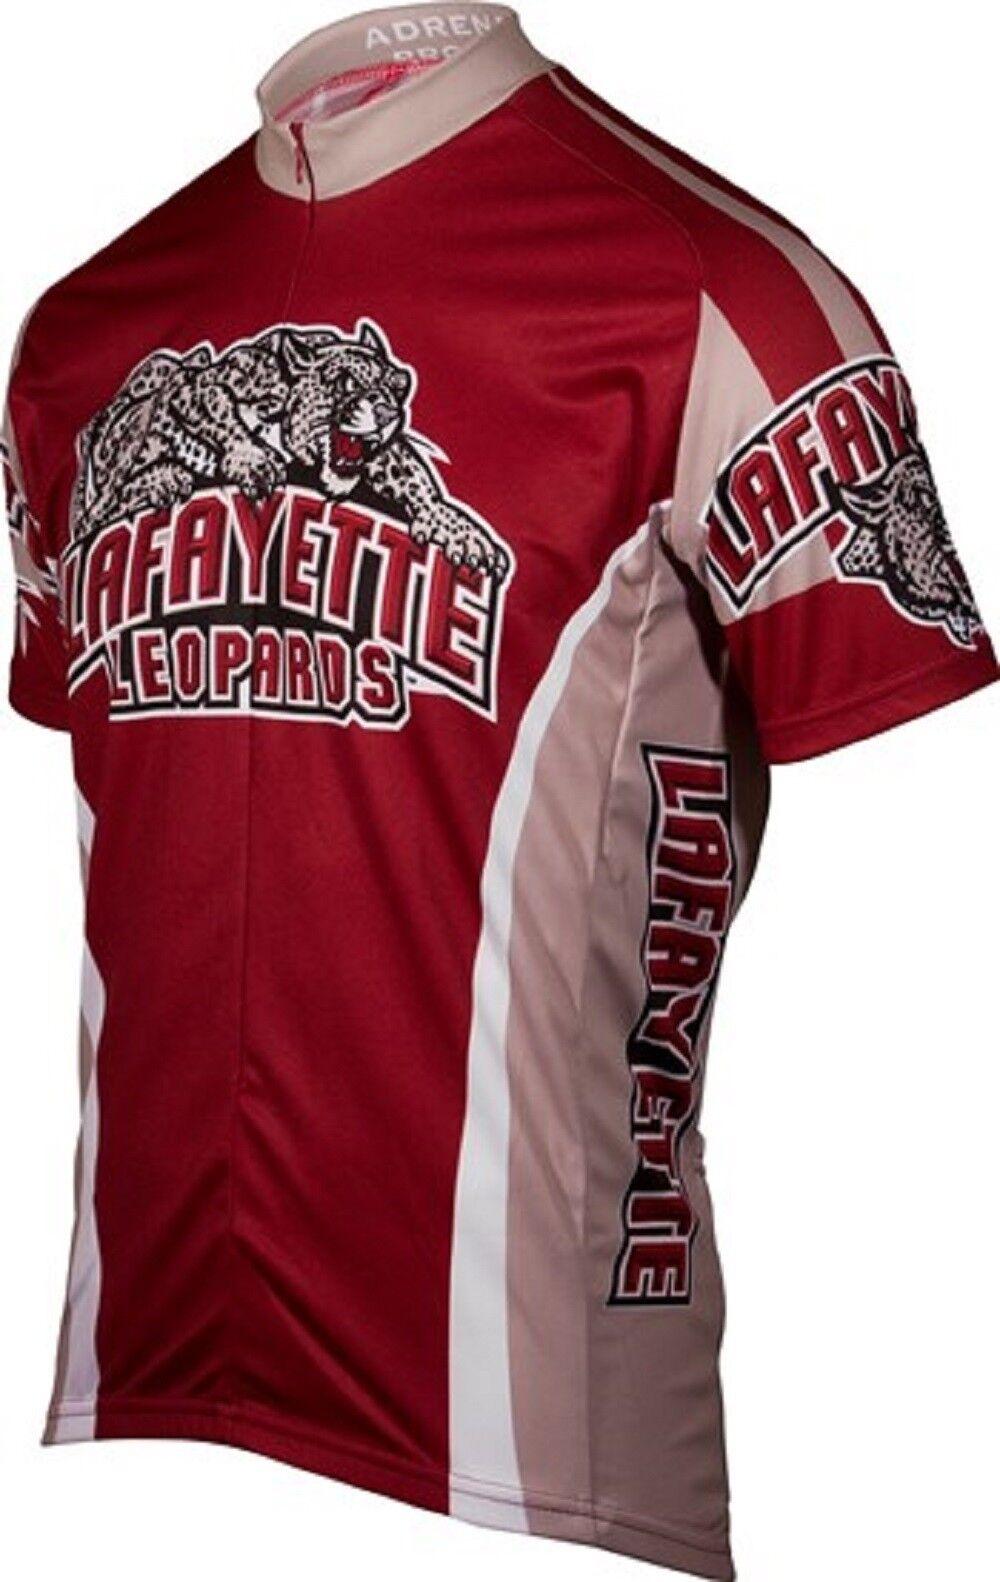 NCAA  Hombre Adrenaline Promotions Lafayette Colegio Leopards Maillot de Ciclismo  Ahorre hasta un 70% de descuento.